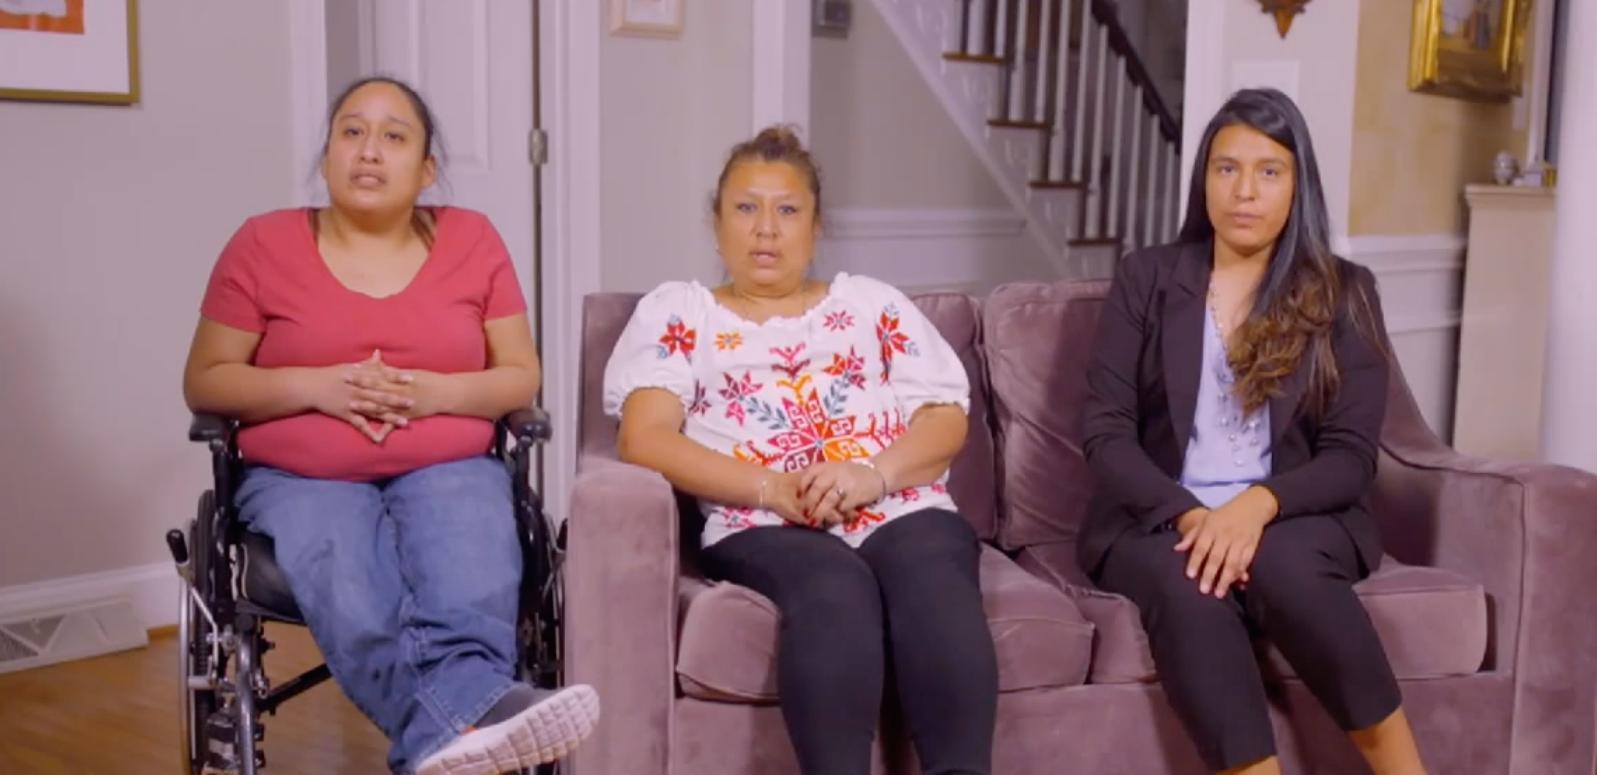 """El video de Jessica, Silvia y Lucy, proyectado en la tercera noche de la Convención Demócrata, recordó la difícil realidad de los """"dreamers"""" o migrantes que llegaron a Estados Unidos siendo menores de edad."""